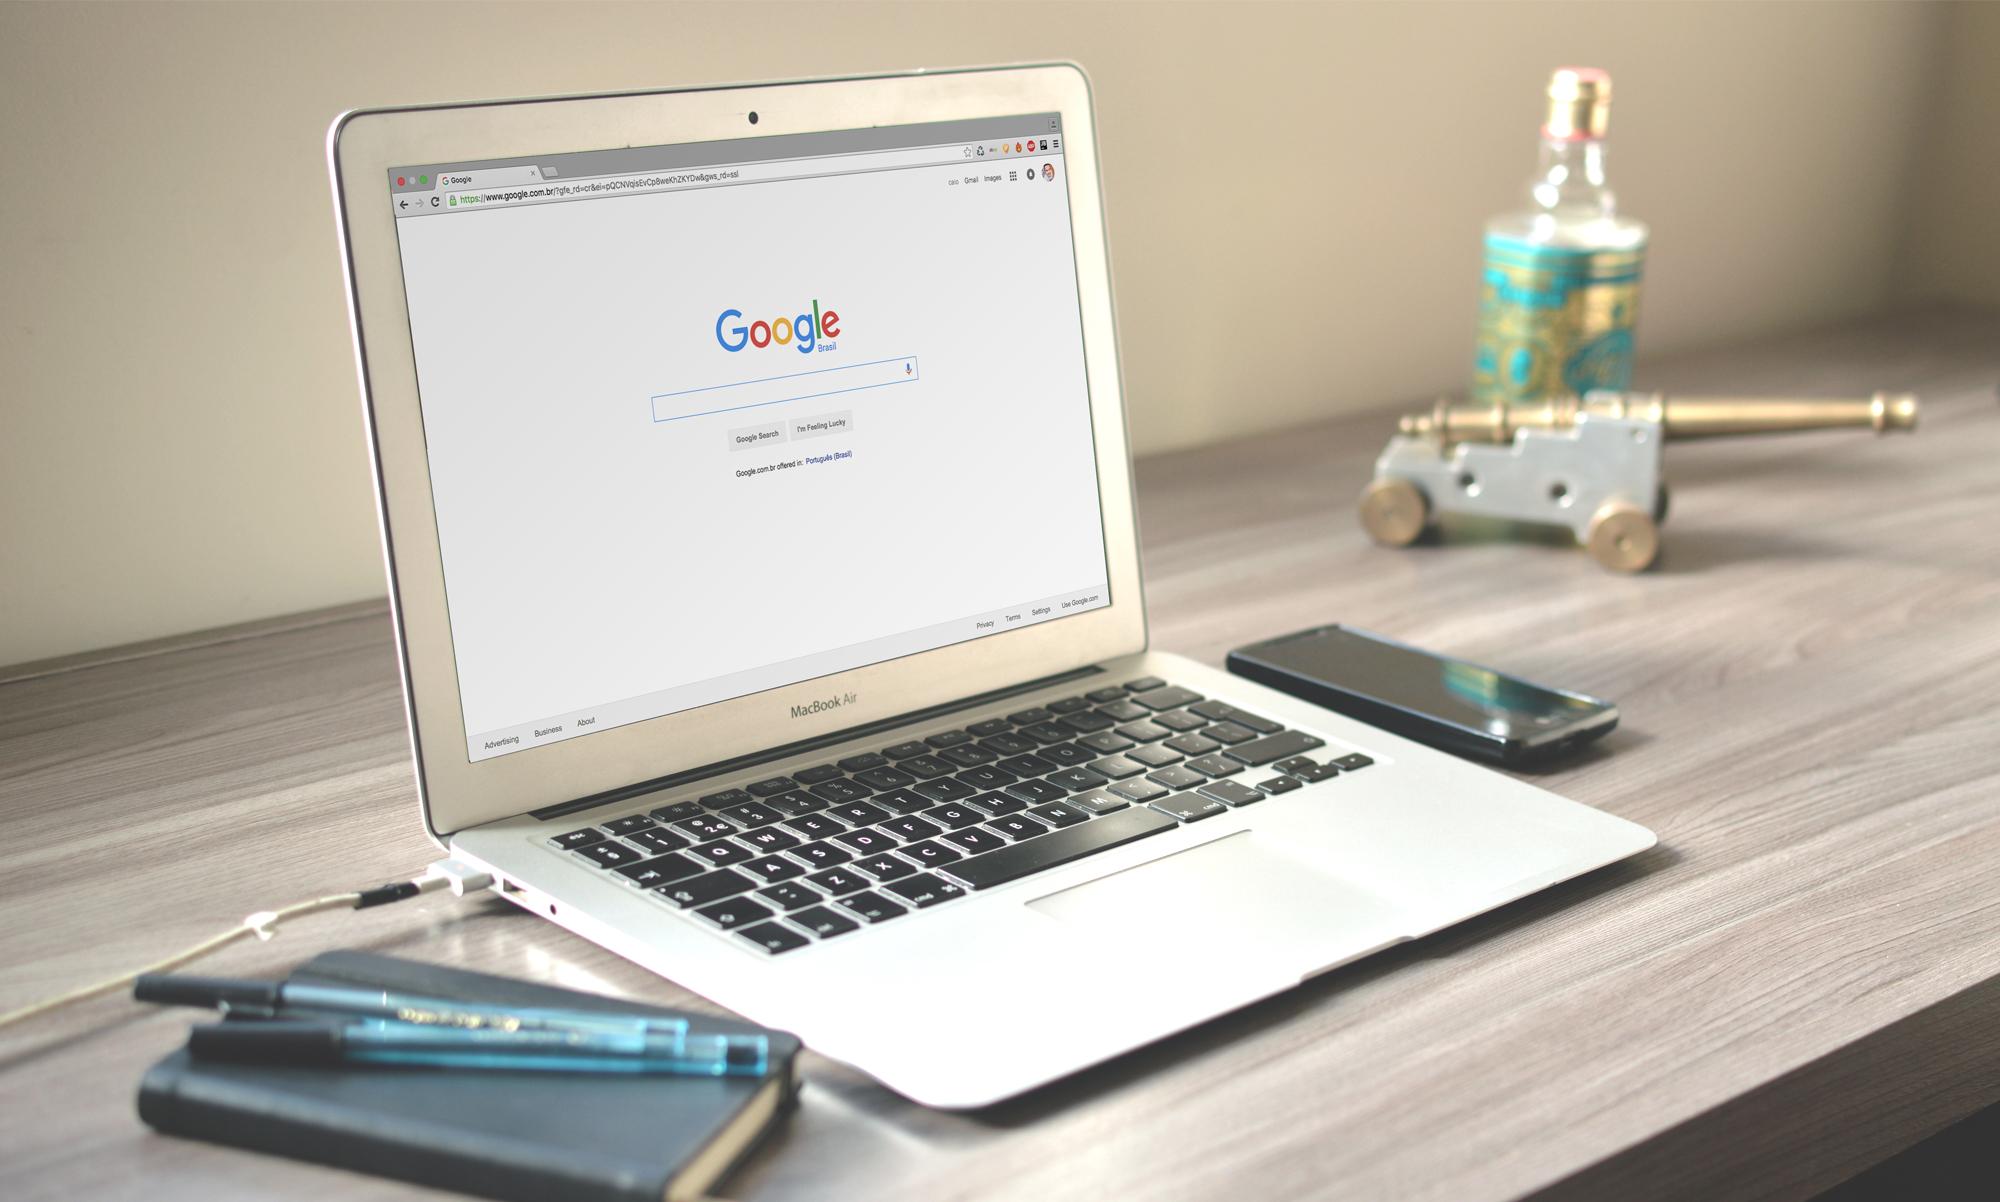 Laptop displayed Google Homepage